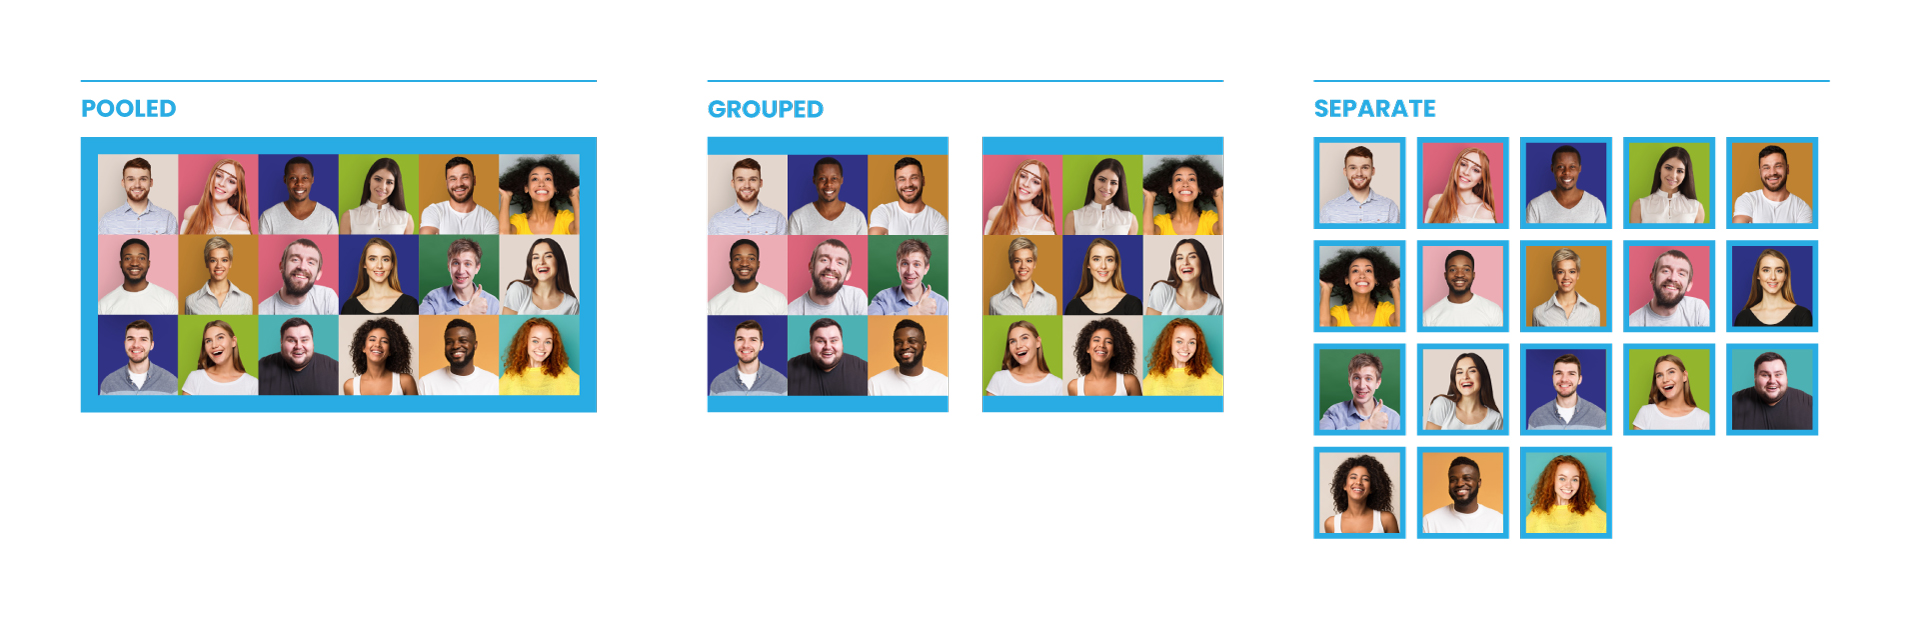 RL-grouped